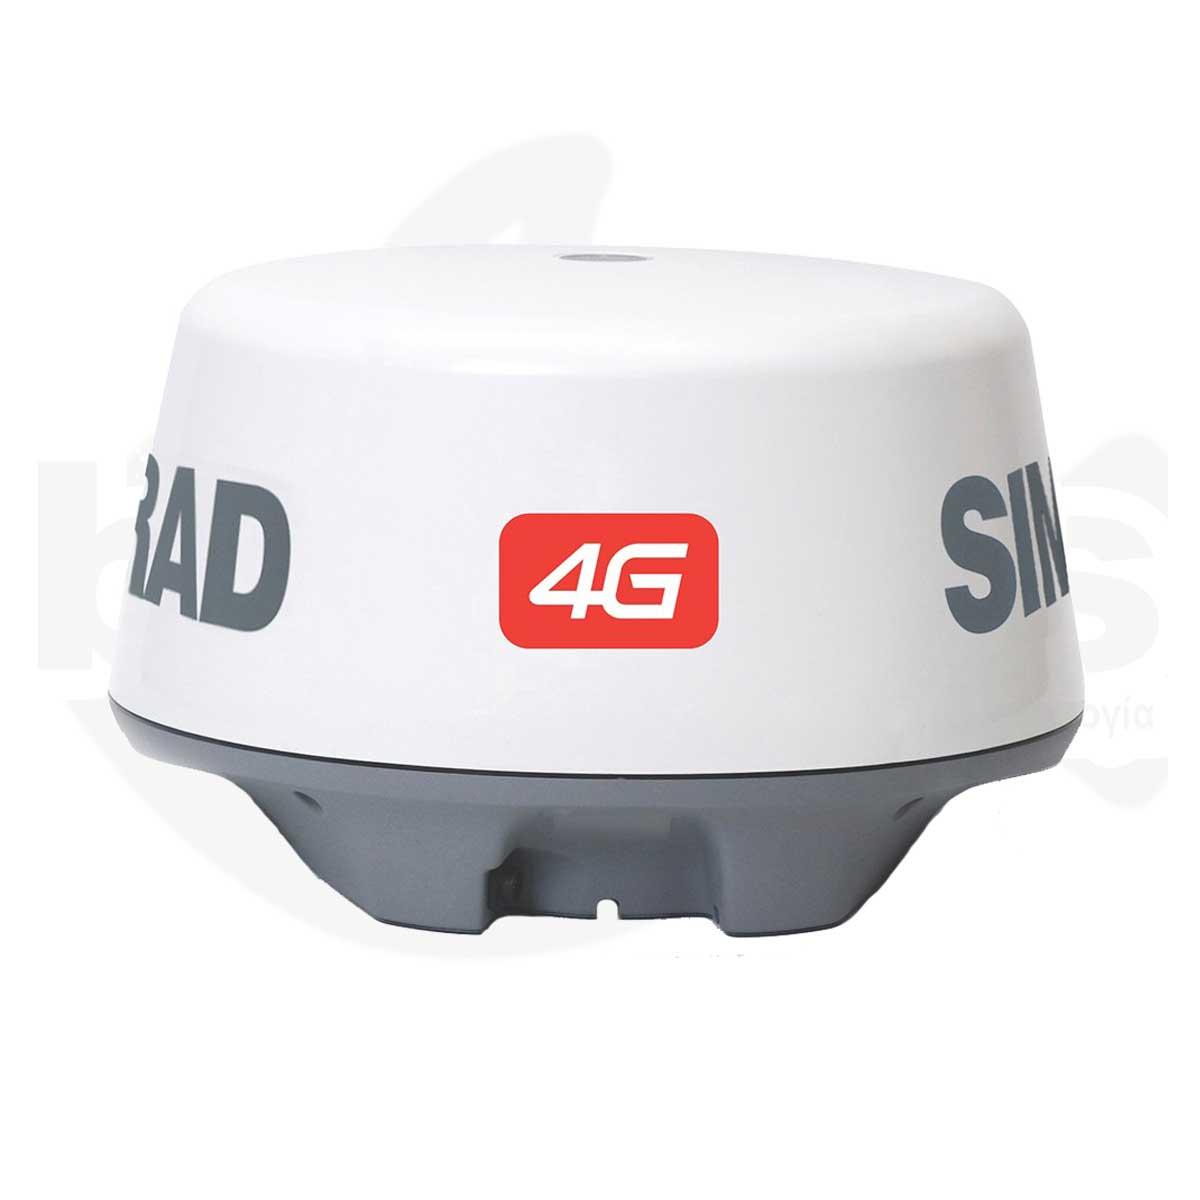 Ραντάρ 4G Broadband SIMRAD